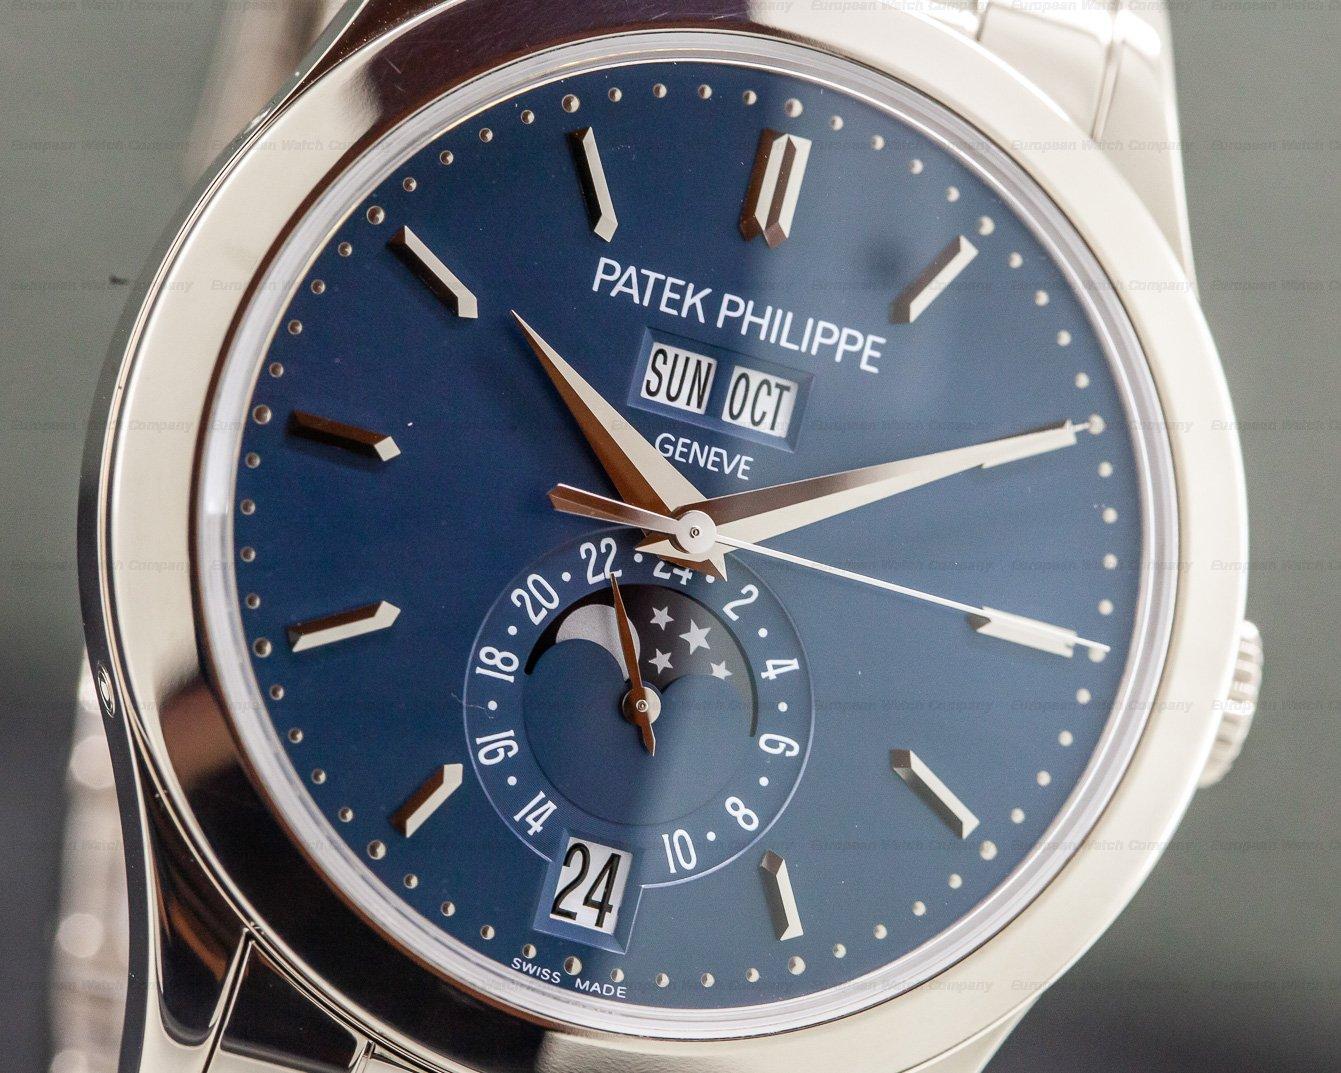 Patek Philippe 5396/1G-010 Annual Calendar Blue Dial 18K White Gold / Bracelet